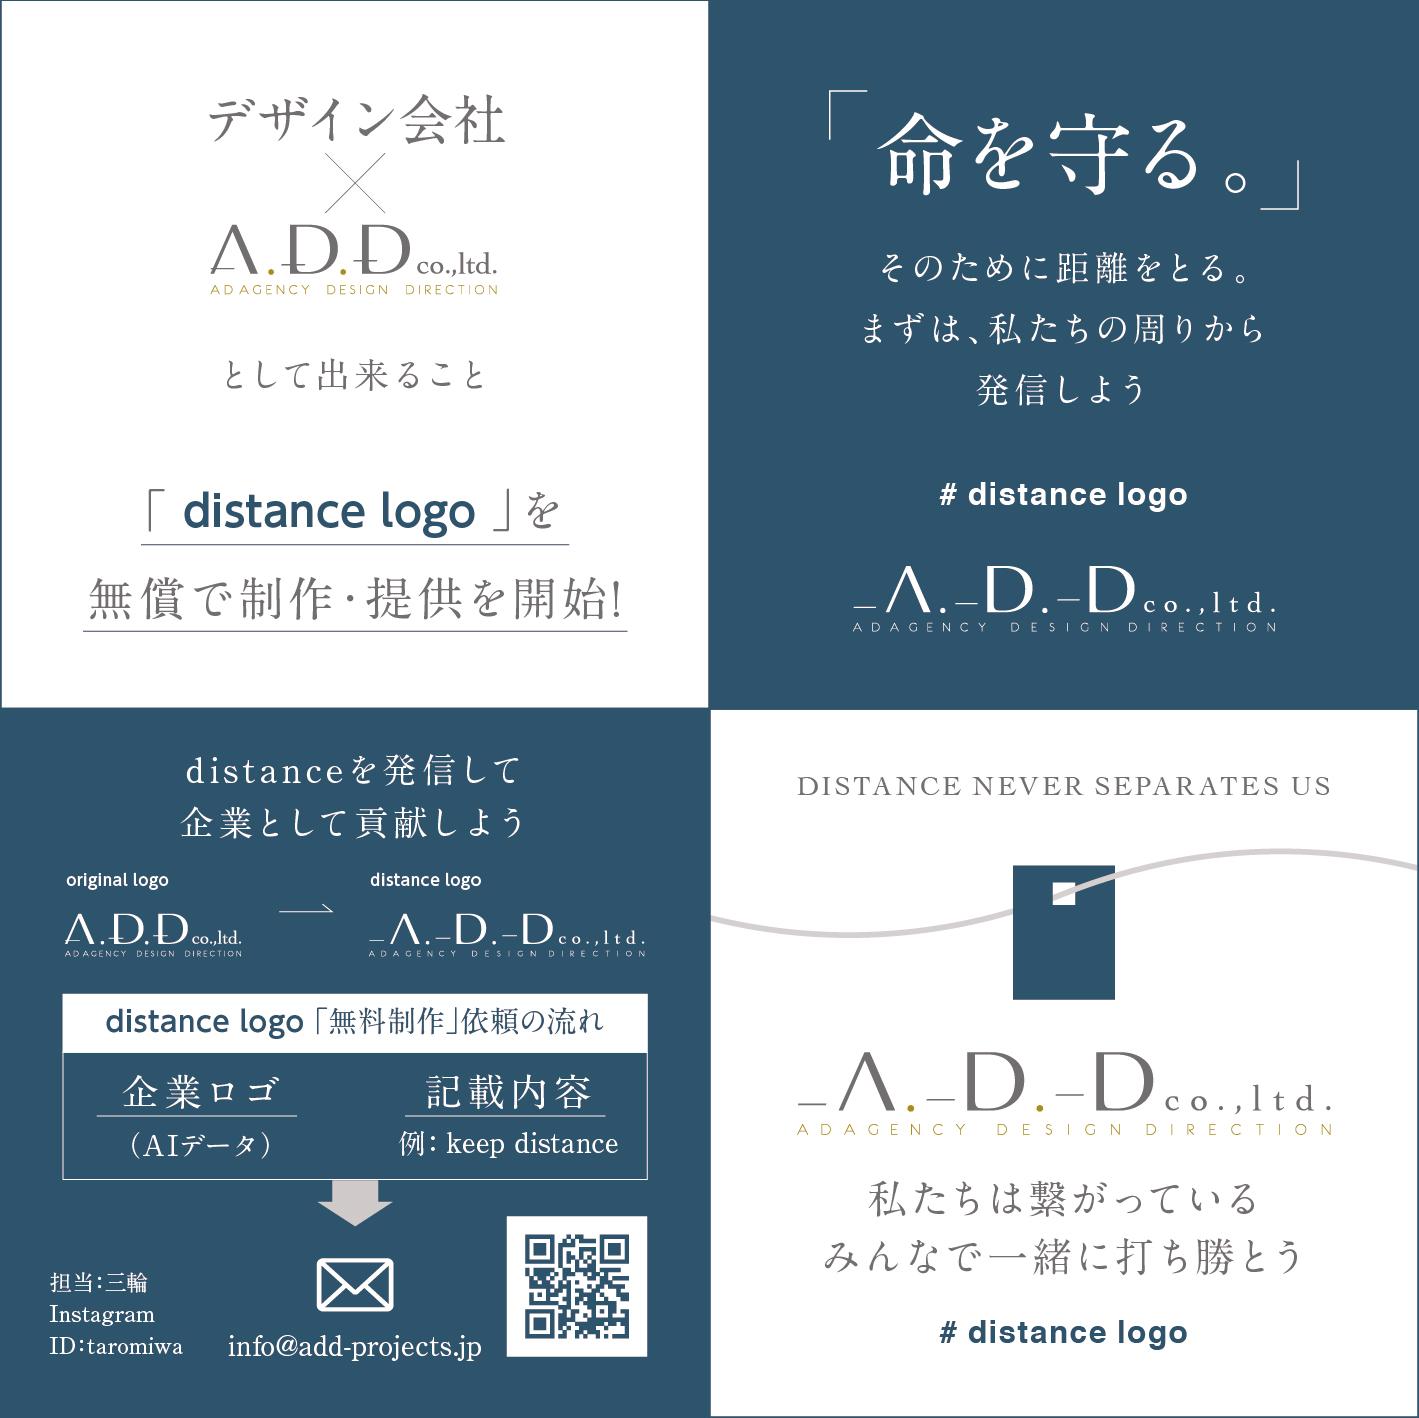 COVID19_ADD_発信用ツール2-05